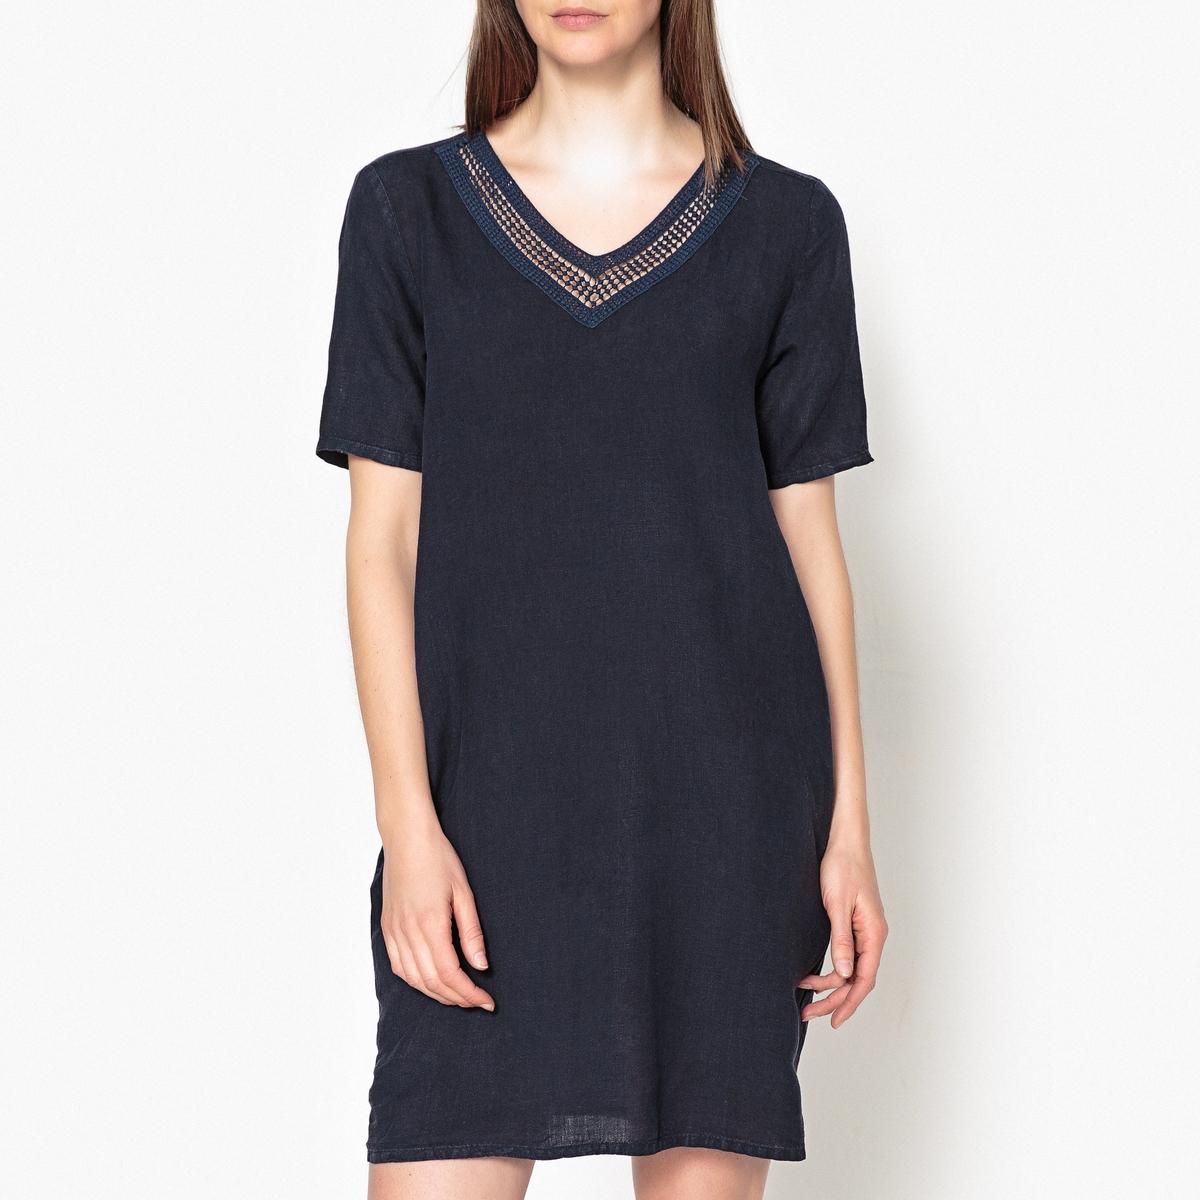 Платье с V-вырезом, ажурное, из льна RAPHIA от HARTFORD